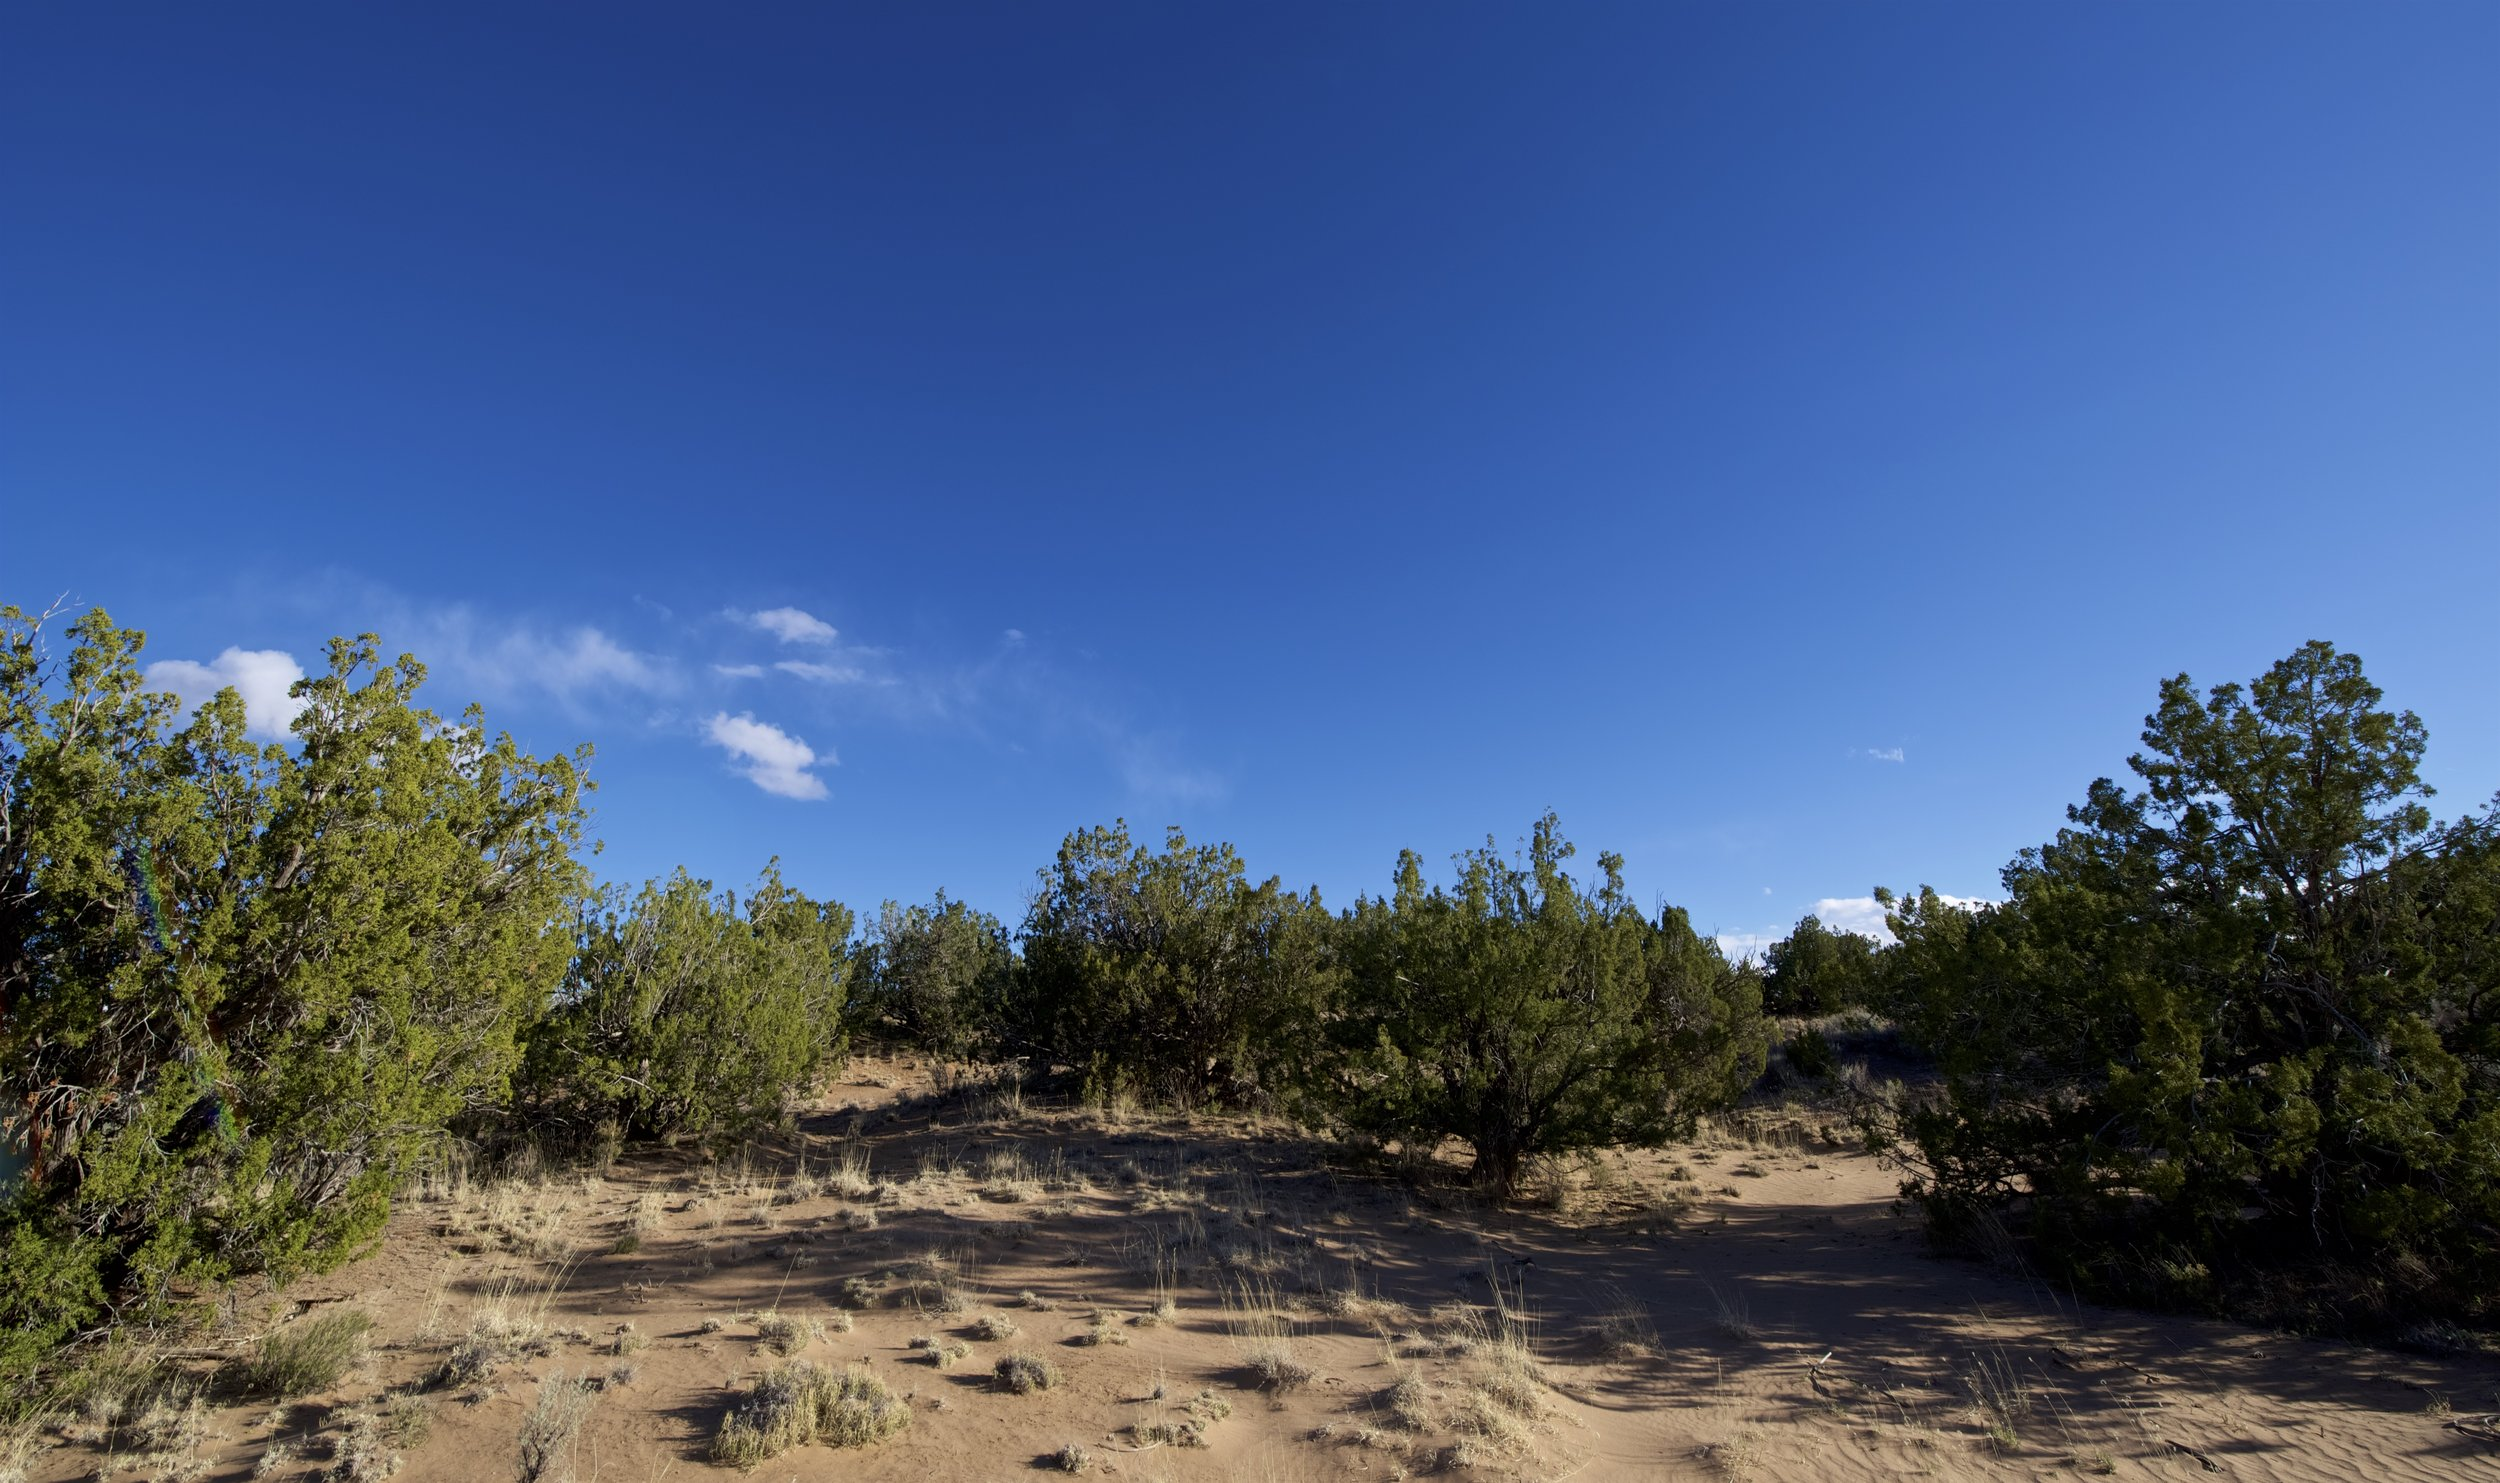 SNNM-2231-rio-rancho-125674.jpg